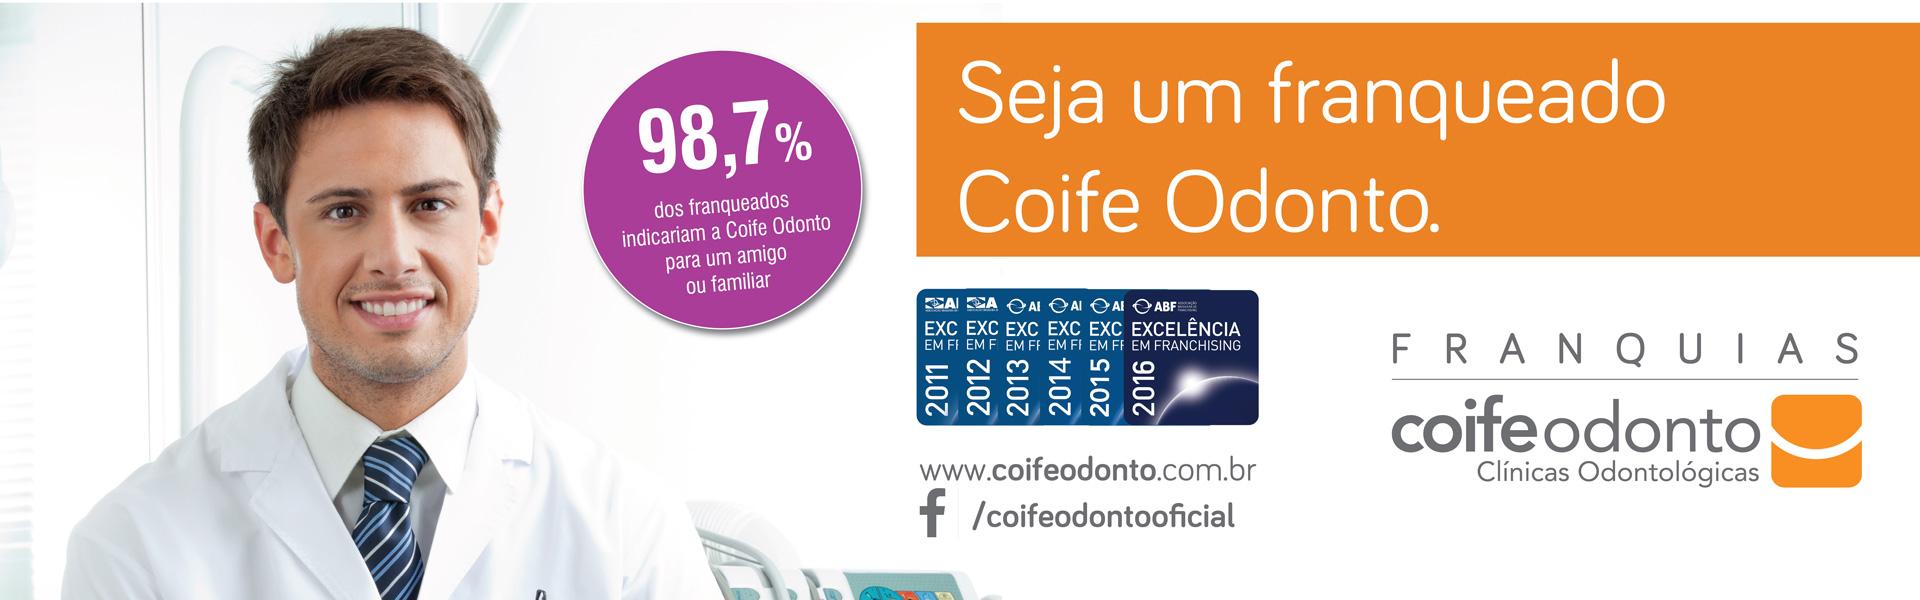 banner1_Franquia_Odontológica